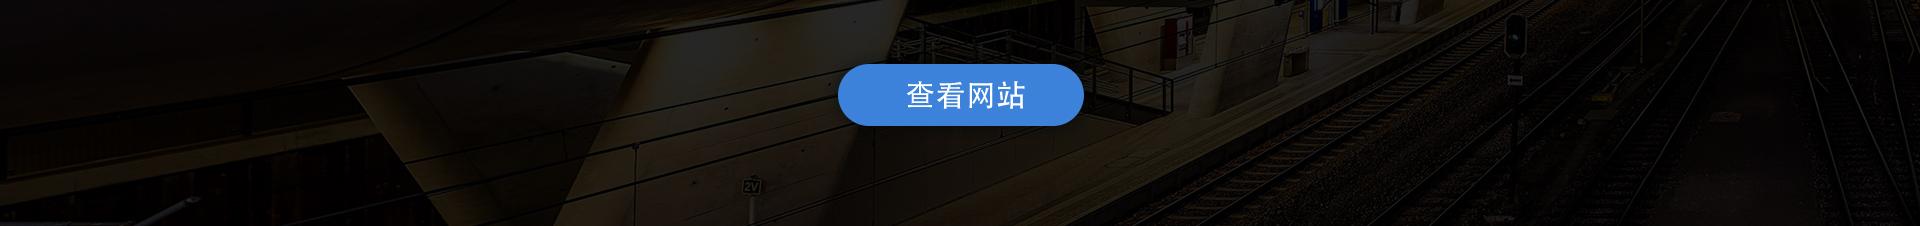 中铁18局-吉苗苗——中铁18局内页_02